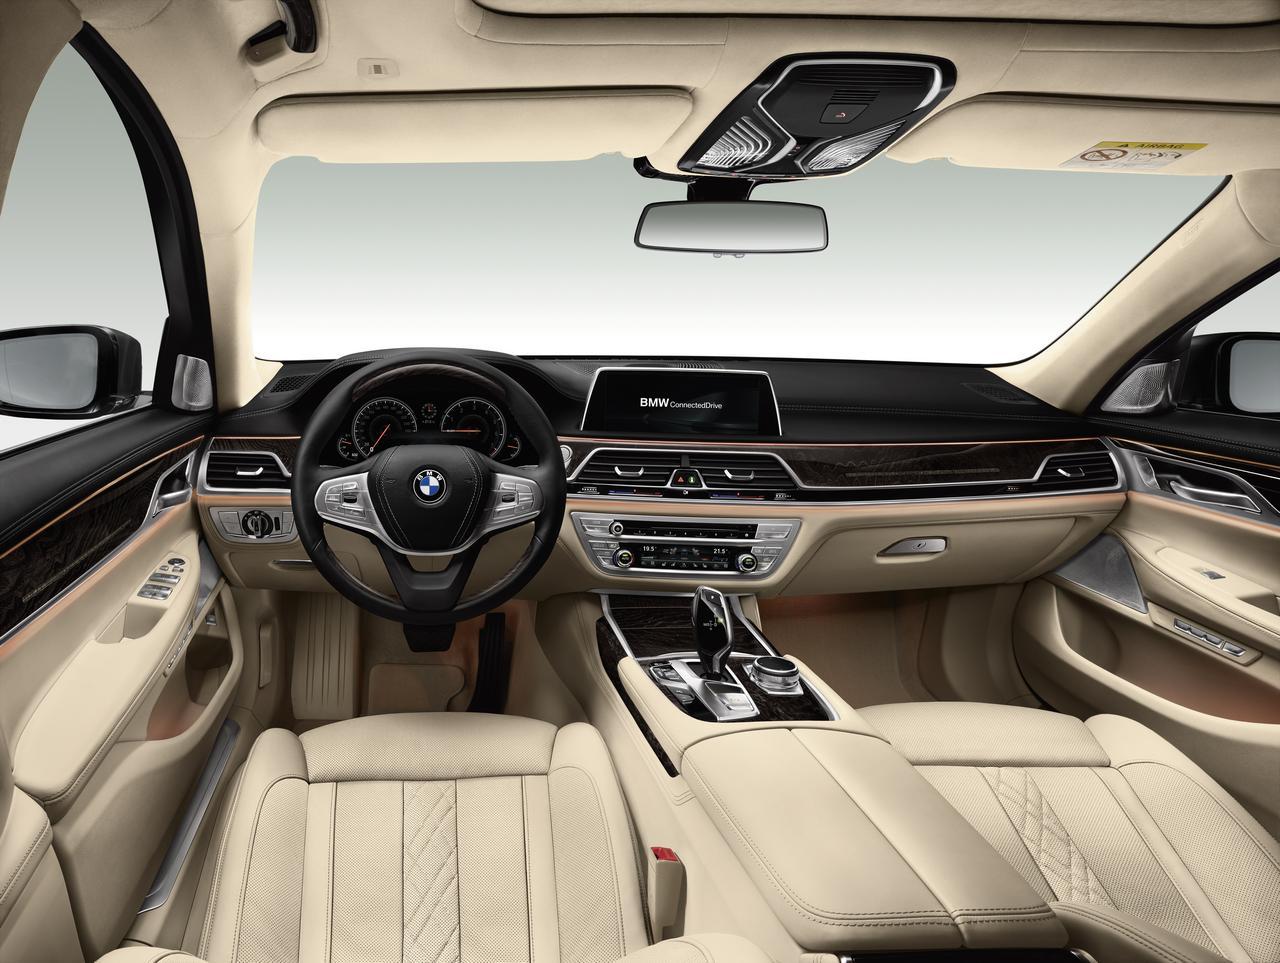 BMW-Serie-7-abitacolo-cockpit-prezzo-price-0-100_13